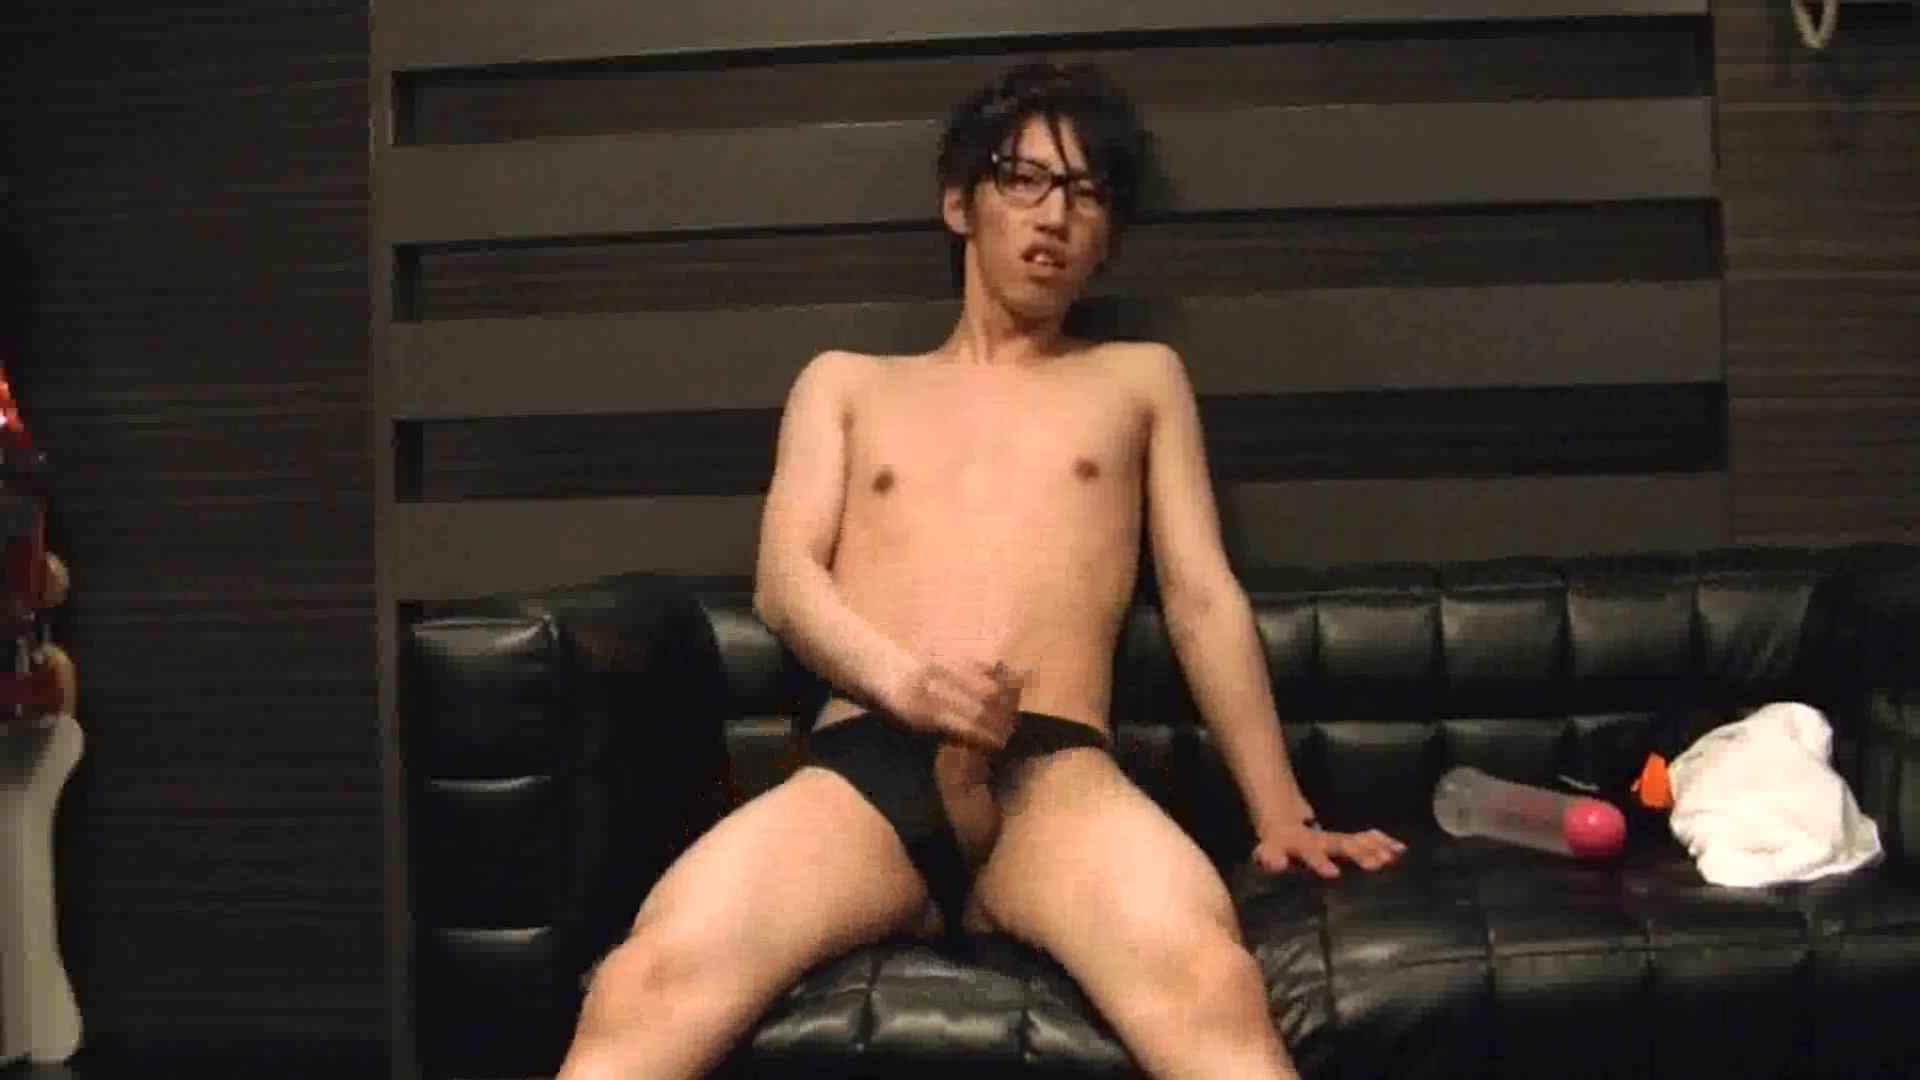 ONA見せカーニバル!! Vol3 男の世界 | オナニー専門男子  98画像 7